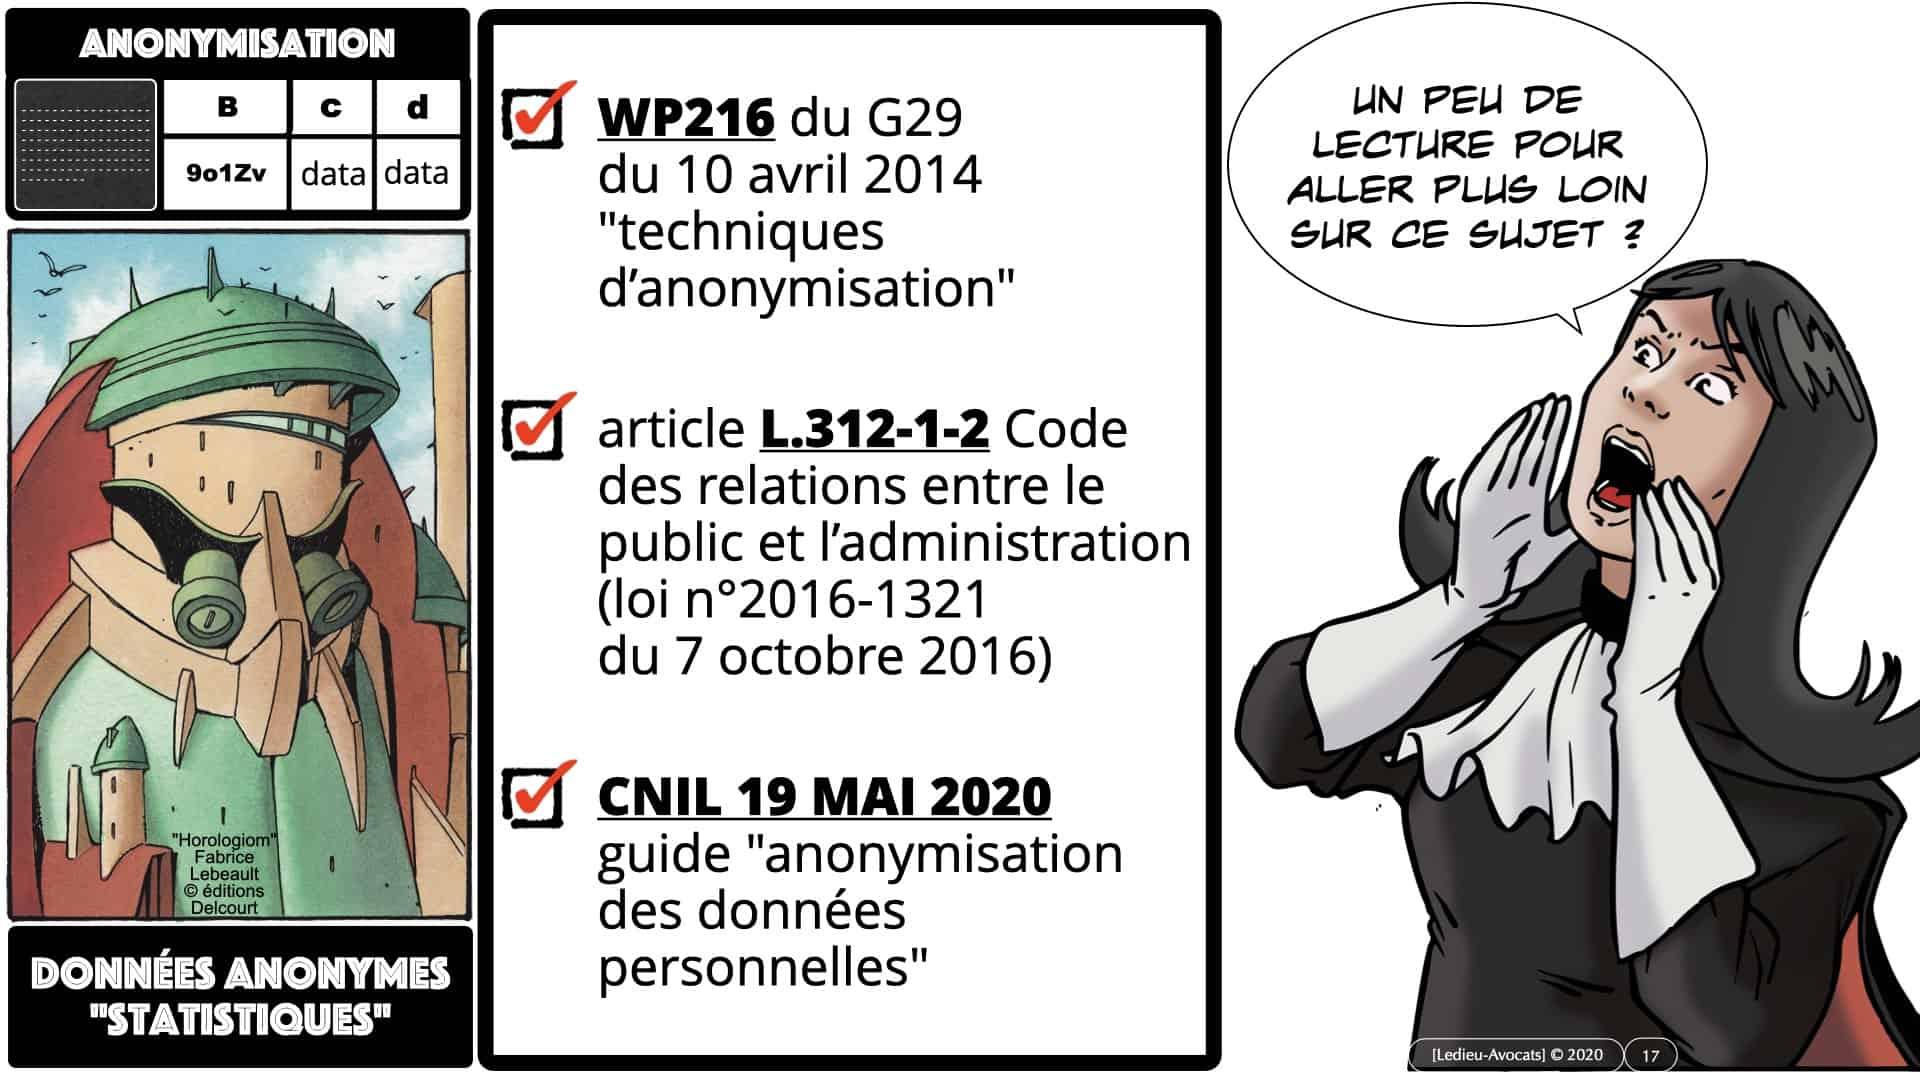 pseudonymisation données ACTUAIRES *16:9* © Ledieu-Avocats 06-11-2020.017